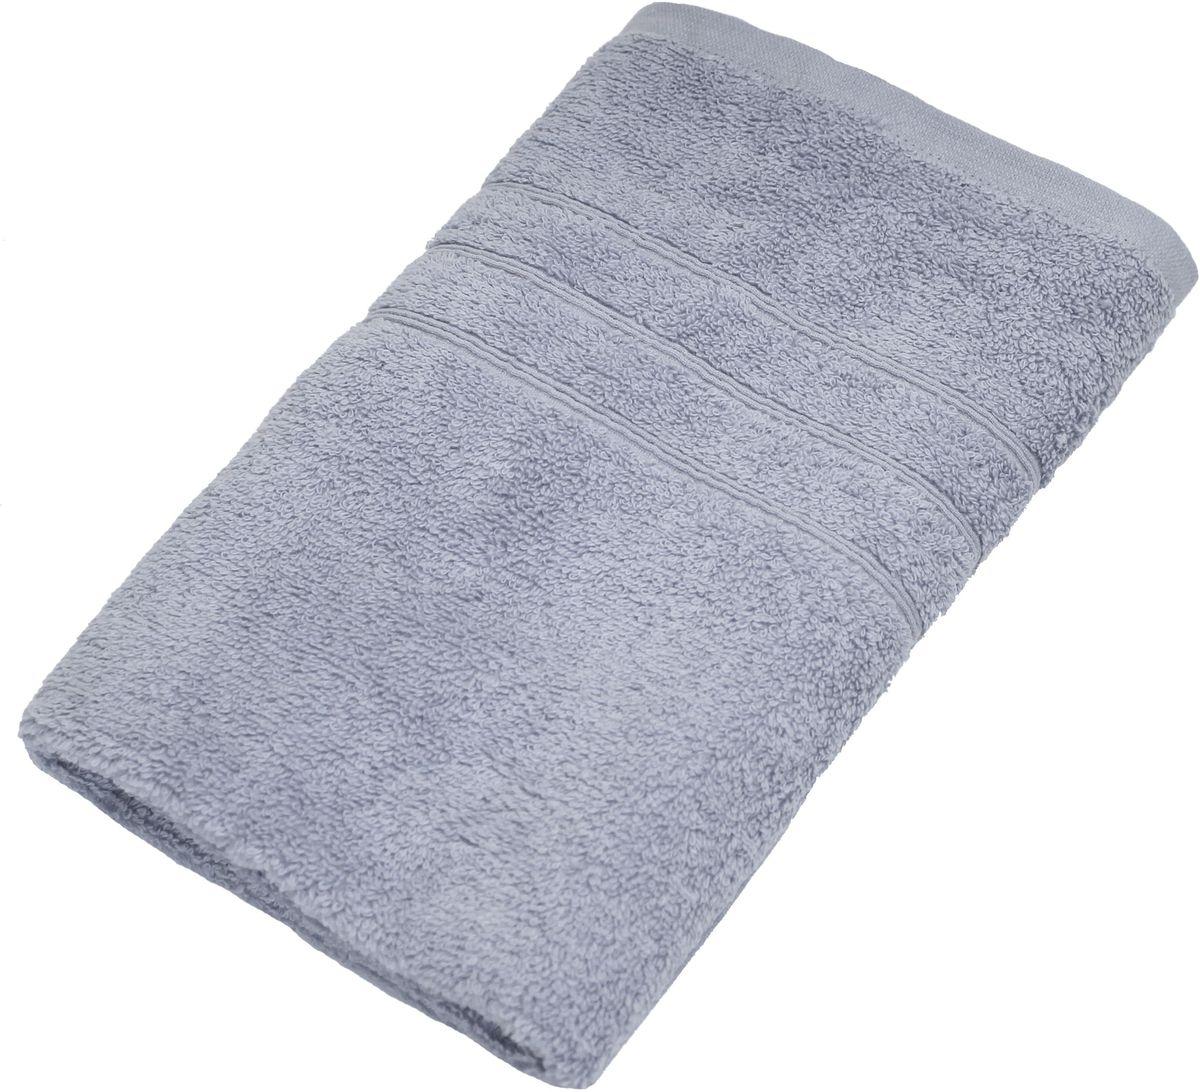 Полотенце Proffi Home Модерн, цвет: серый, 50 x 100 смPR-2WМягкое махровое полотенцеProffi Home Модерн отлично впитывает влагу и быстро сохнет, приятно в него завернуться после принятия ванны или посещения сауны. Поэтому данное махровое полотенце можно использовать в качестве душевого, банного или пляжного полотенца. Состав: 100% хлопок.